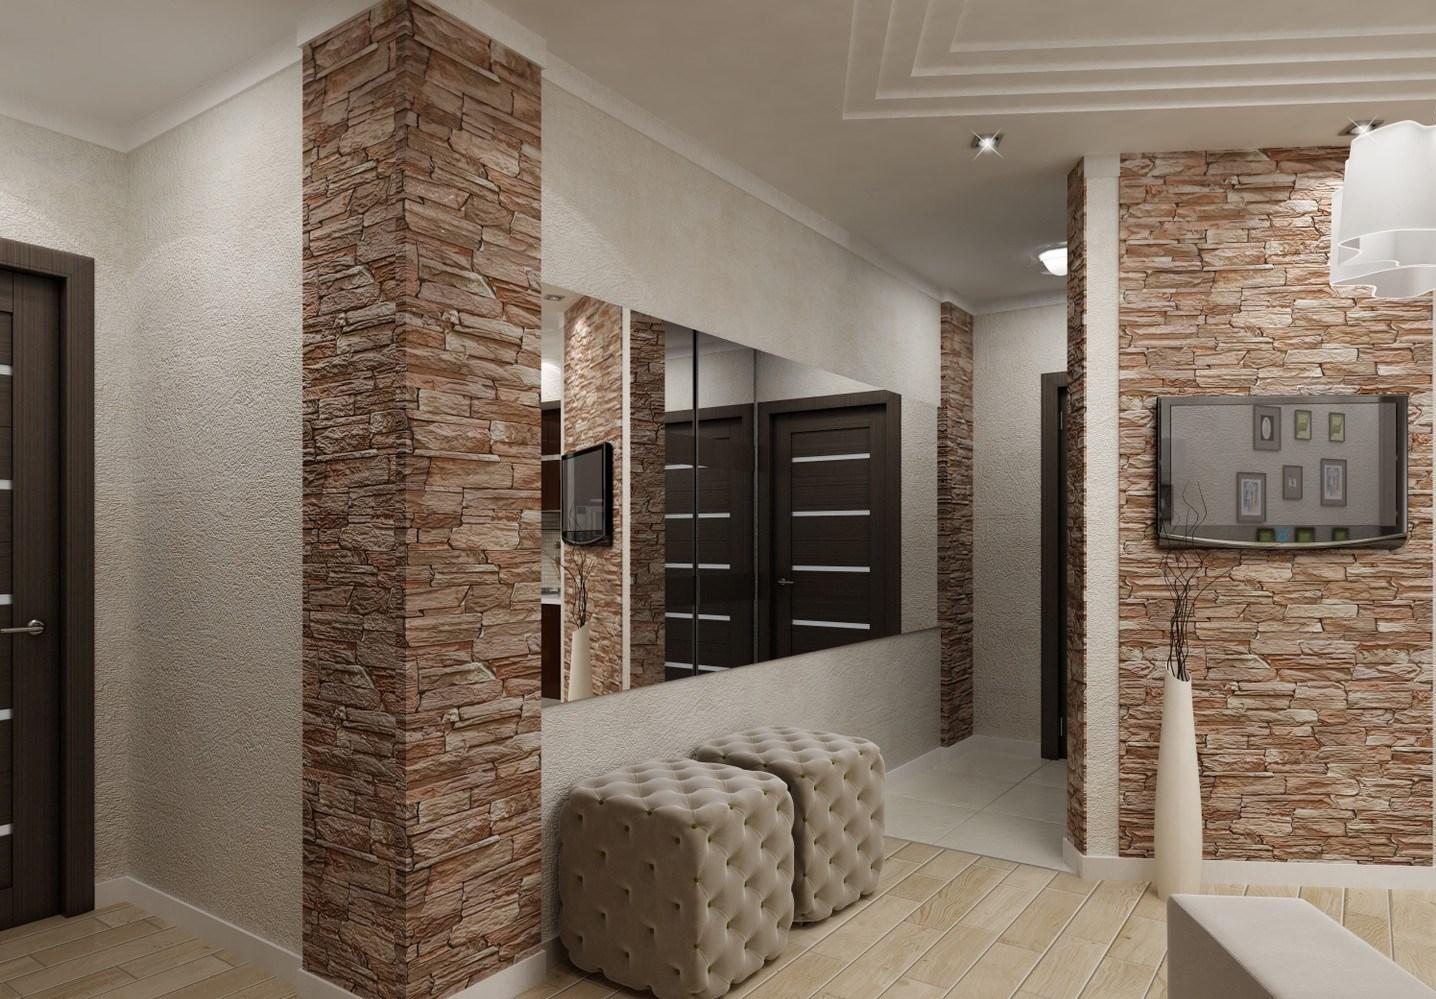 моря дизайн прихожей в квартире фото с камнем эверстов